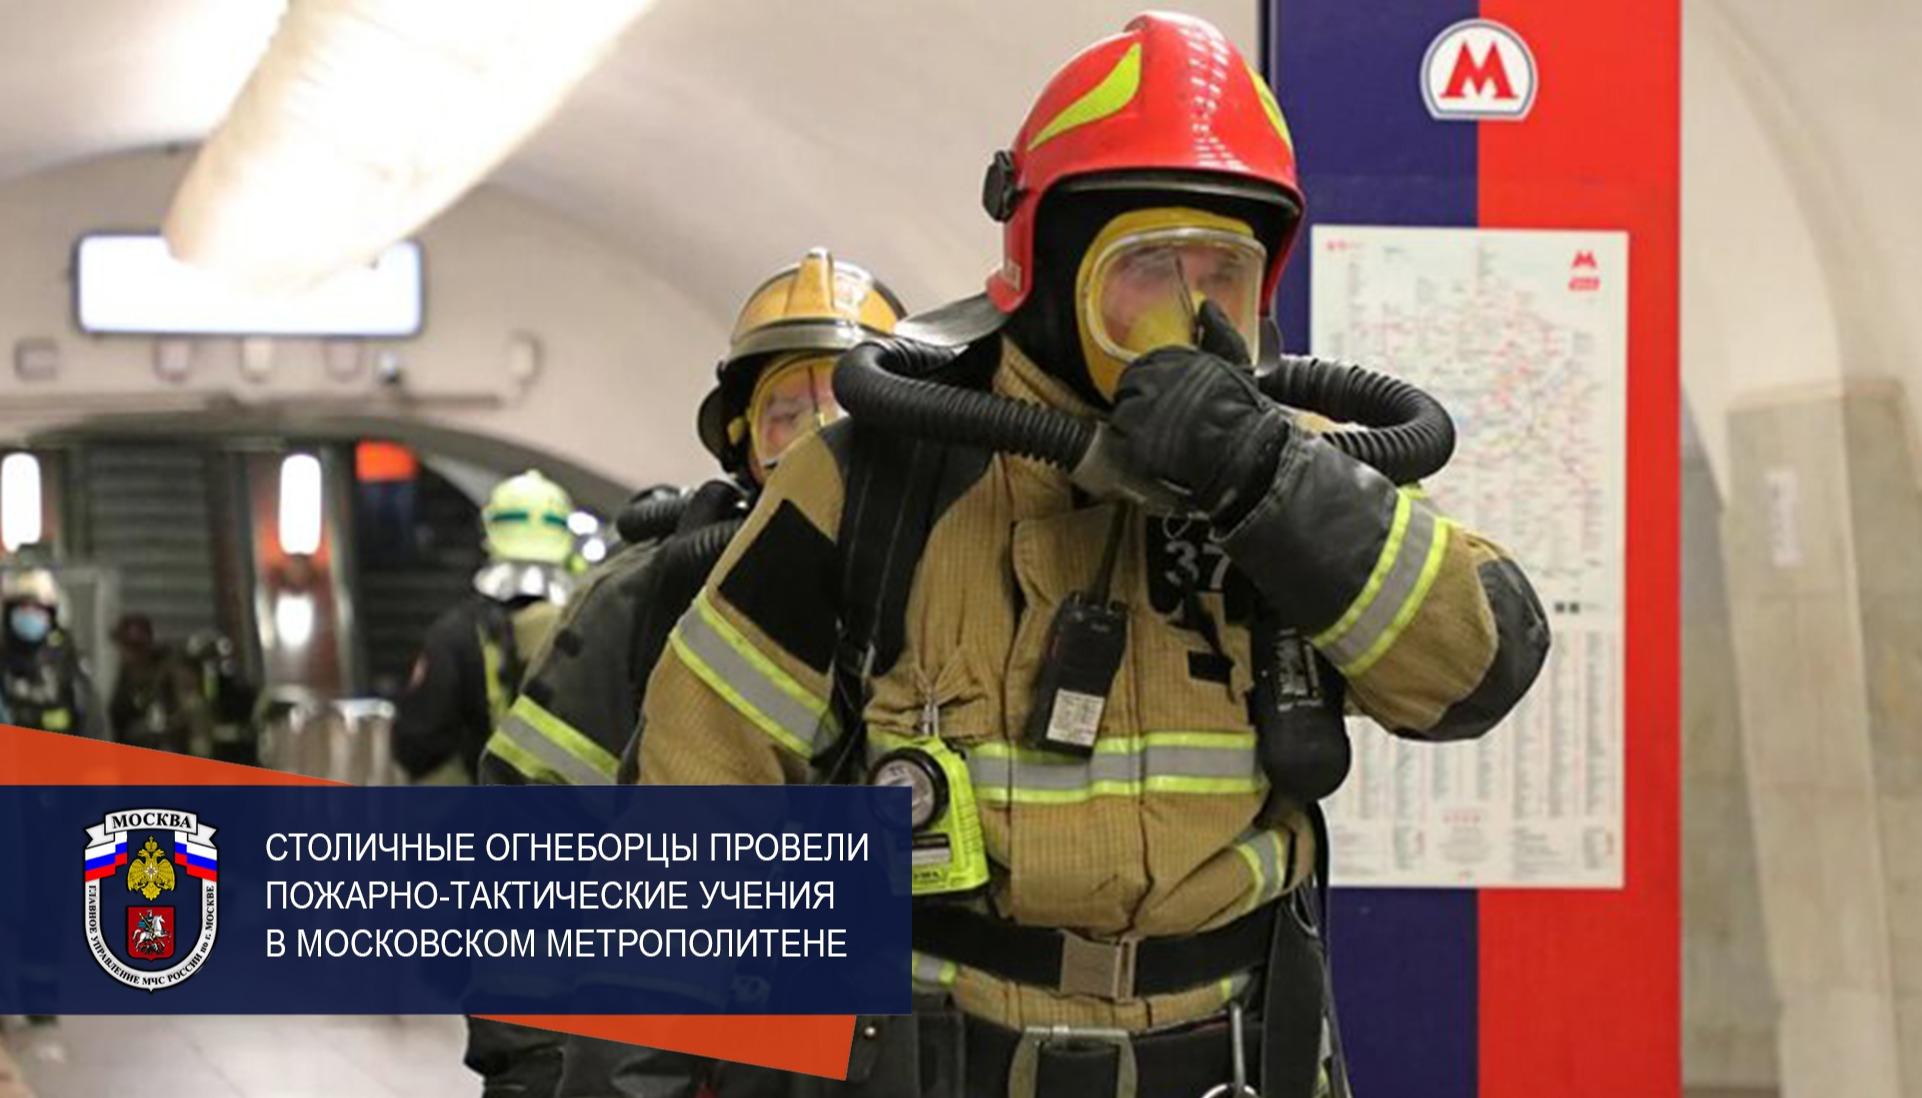 Столичные огнеборцы провели пожарно-тактические учения в московском метрополитене